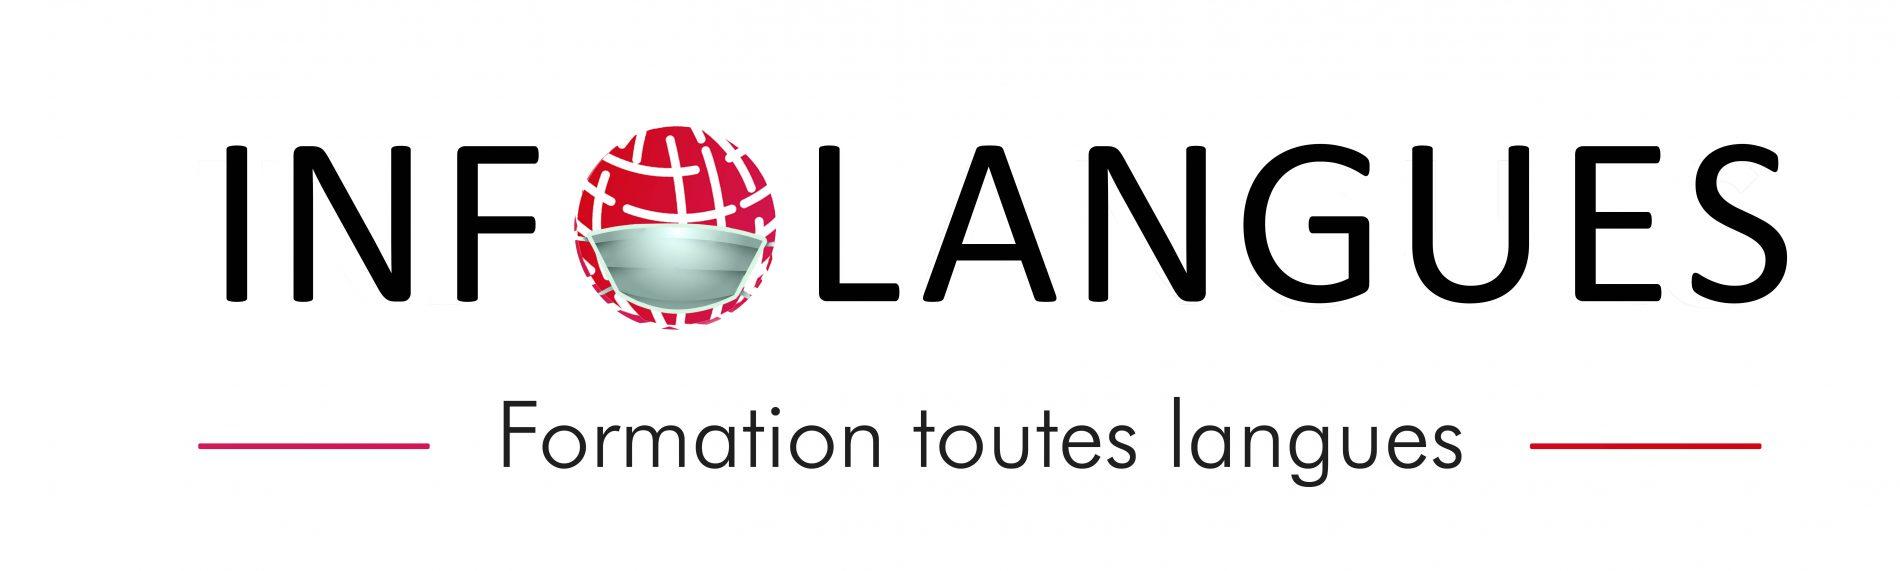 01/09/2020 Infolangues vous assure une rentrée linguistique en toute sécurité!